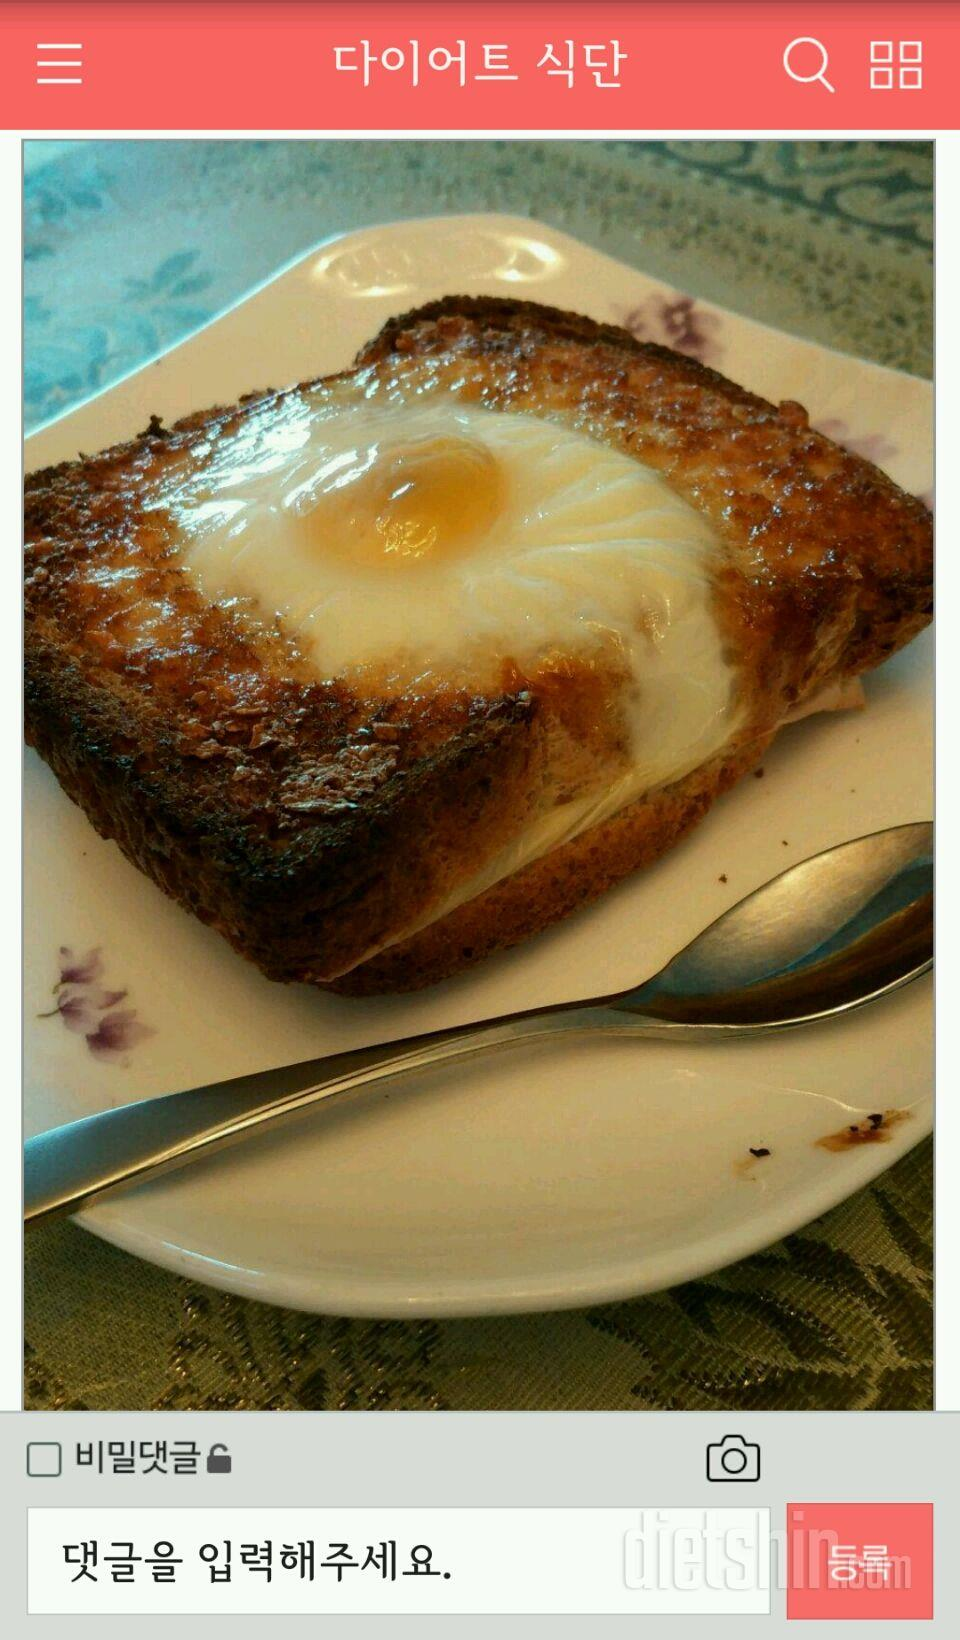 간단한 토스트(오븐사용)